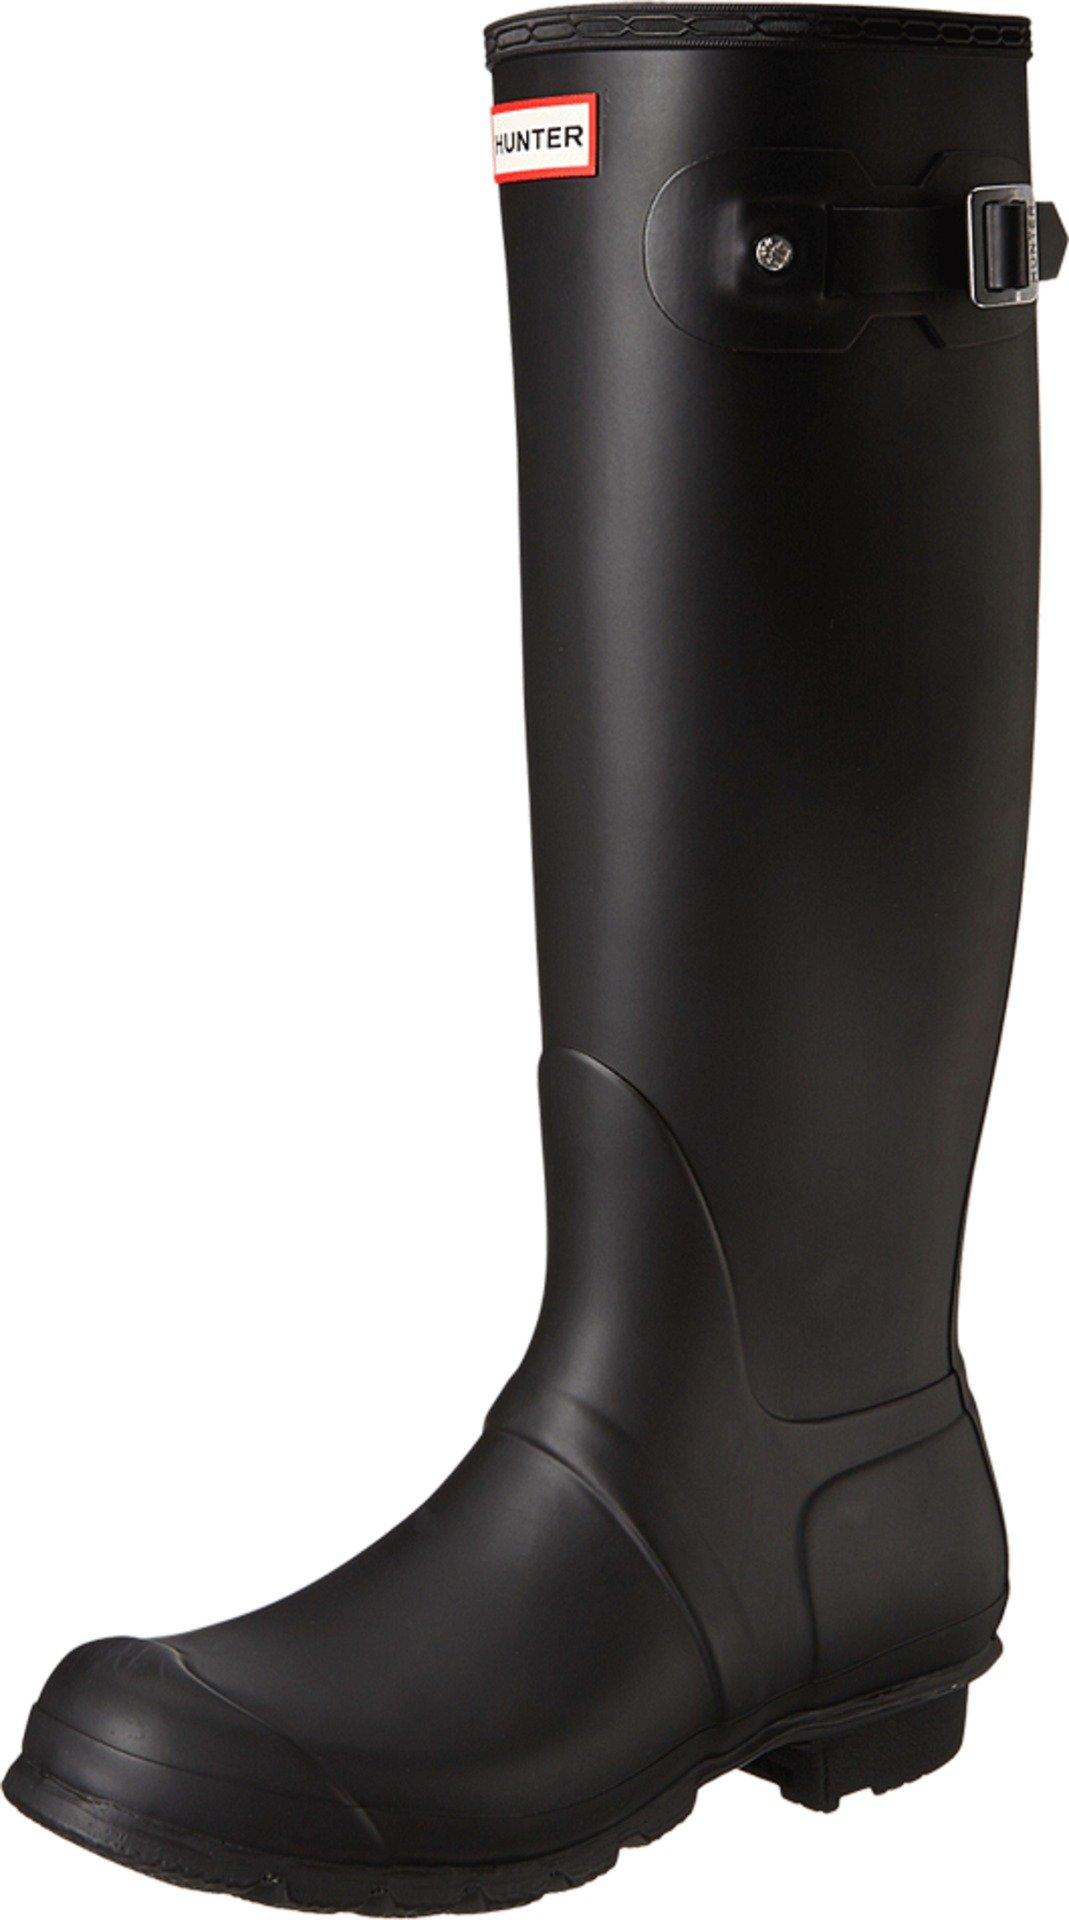 Hunter Women's Original Tall Black Rain Boots - 10 B(M) US